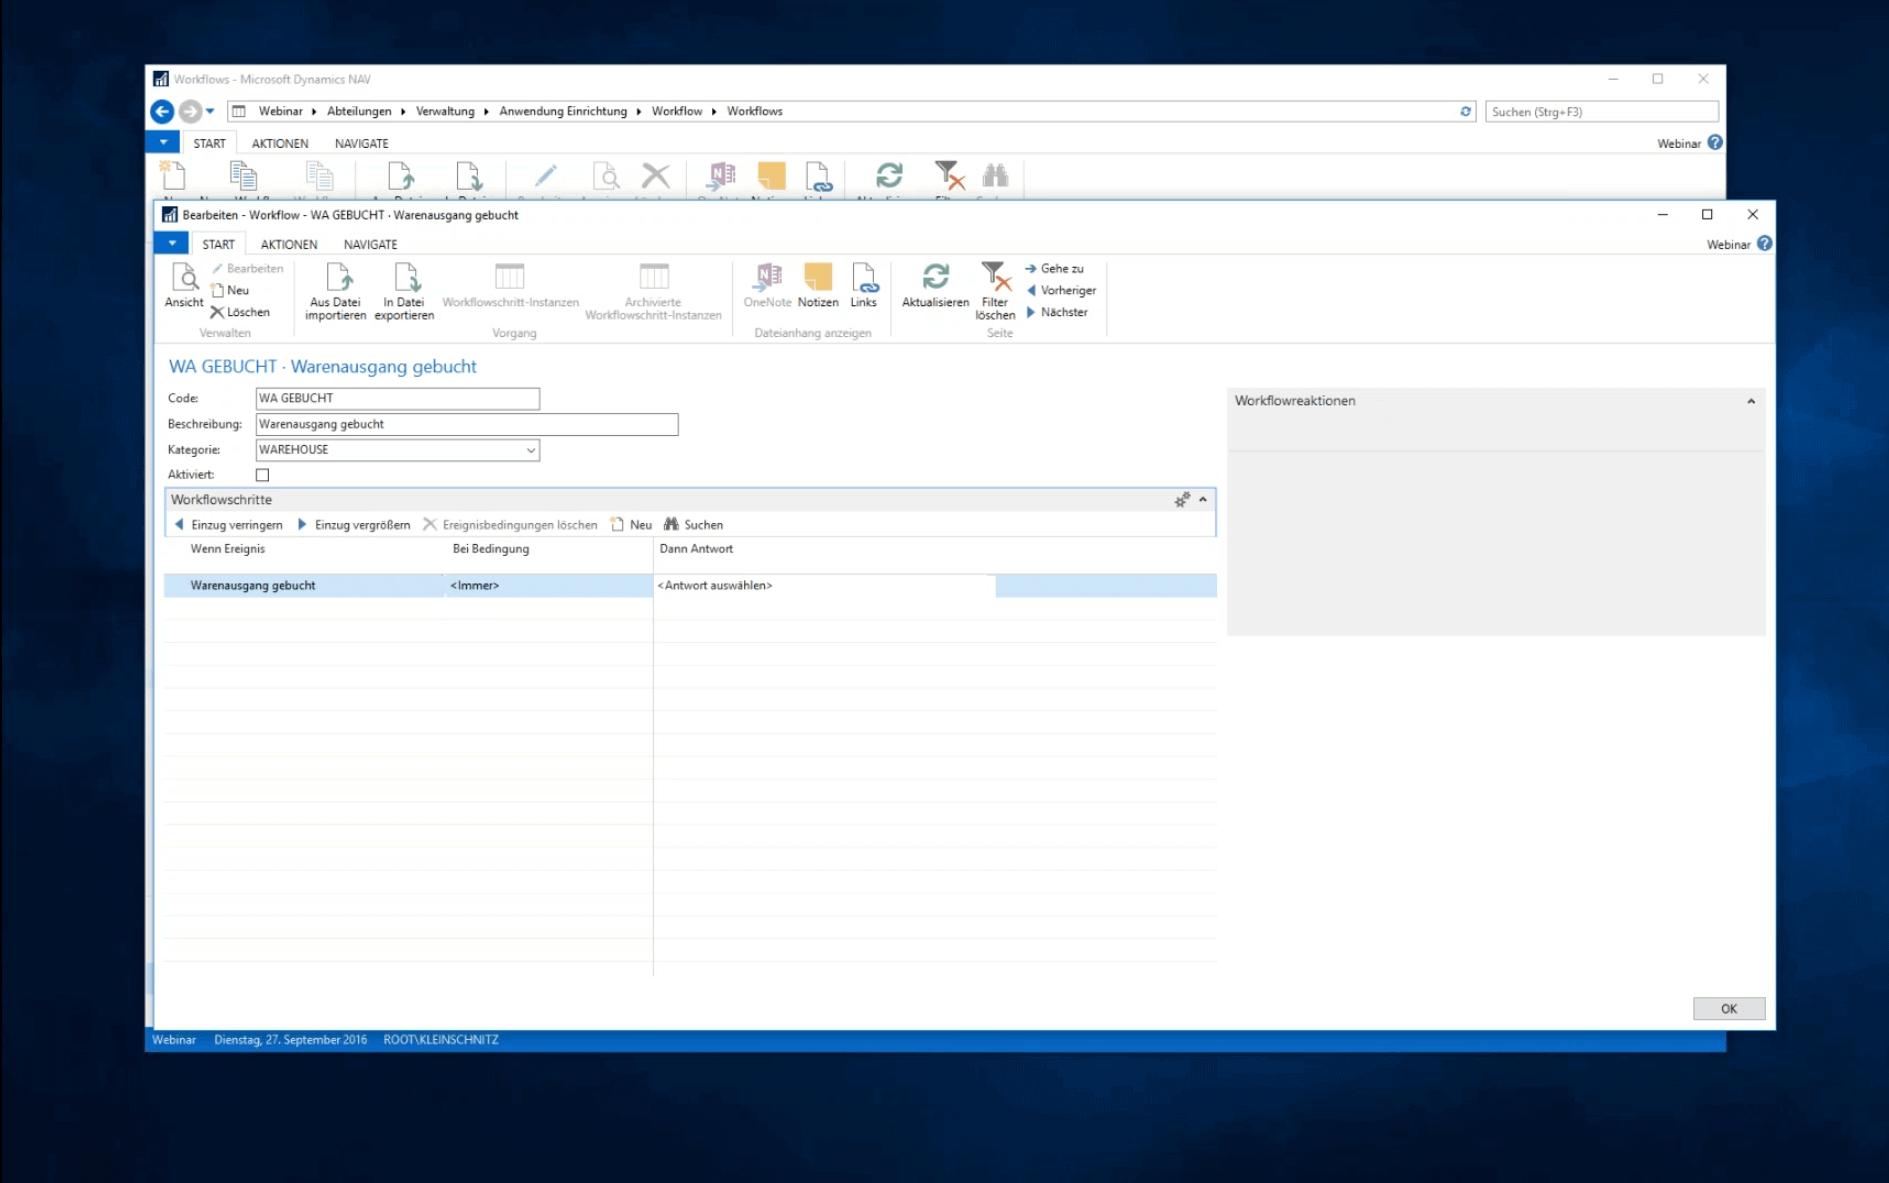 Webinar Workflow In Dynamics NAV 2016 (5)